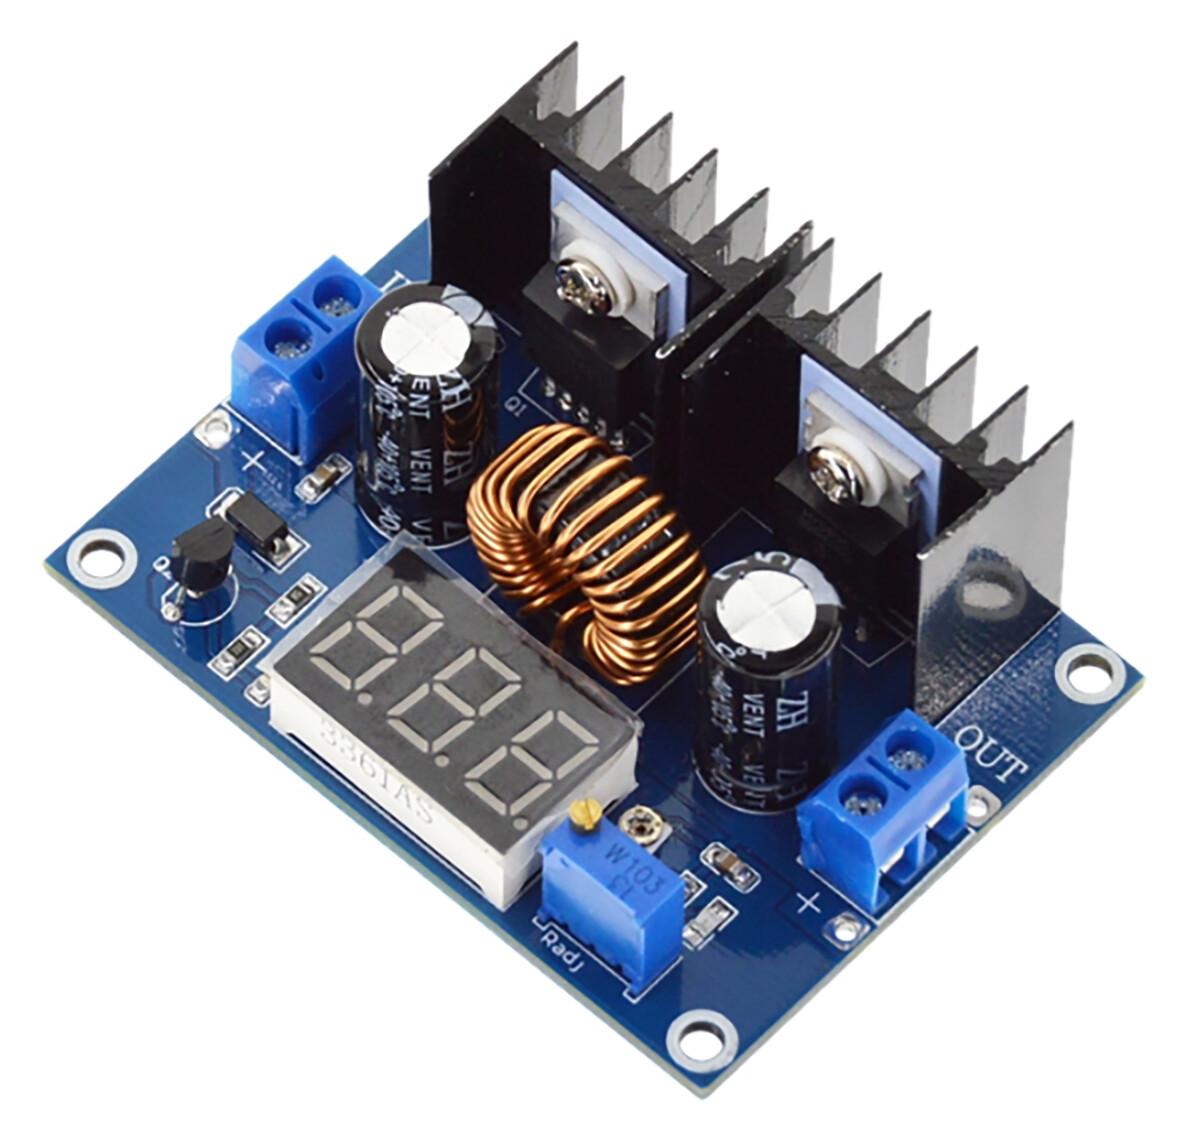 Преобразователь понижающий 200Вт, 4-36В до1,25-36В, 8А, XL4016, с вольтметром